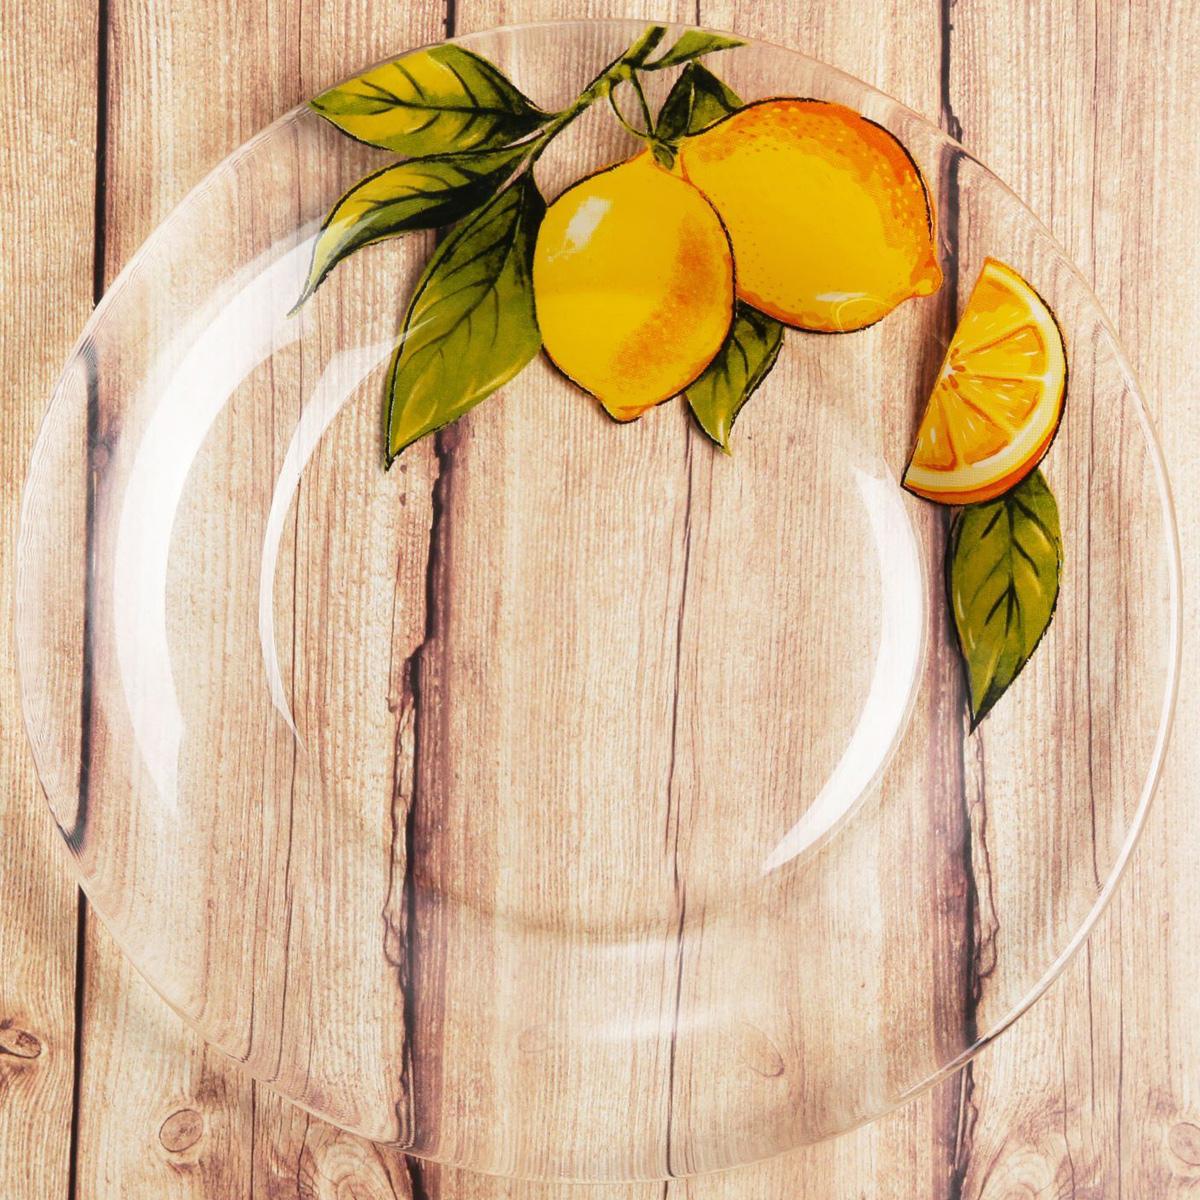 Тарелка Sima-land Лимоны, диаметр 20 см2196441Красивая тарелка с рисунком дополнит праздничный стол, ведь прозрачное стекло выглядит элегантно и стильно.Предмет можно использовать в микроволновой печи и посудомоечной машине.При бережном обращении изделие будет радовать вас безукоризненным внешним видом долгие годы.